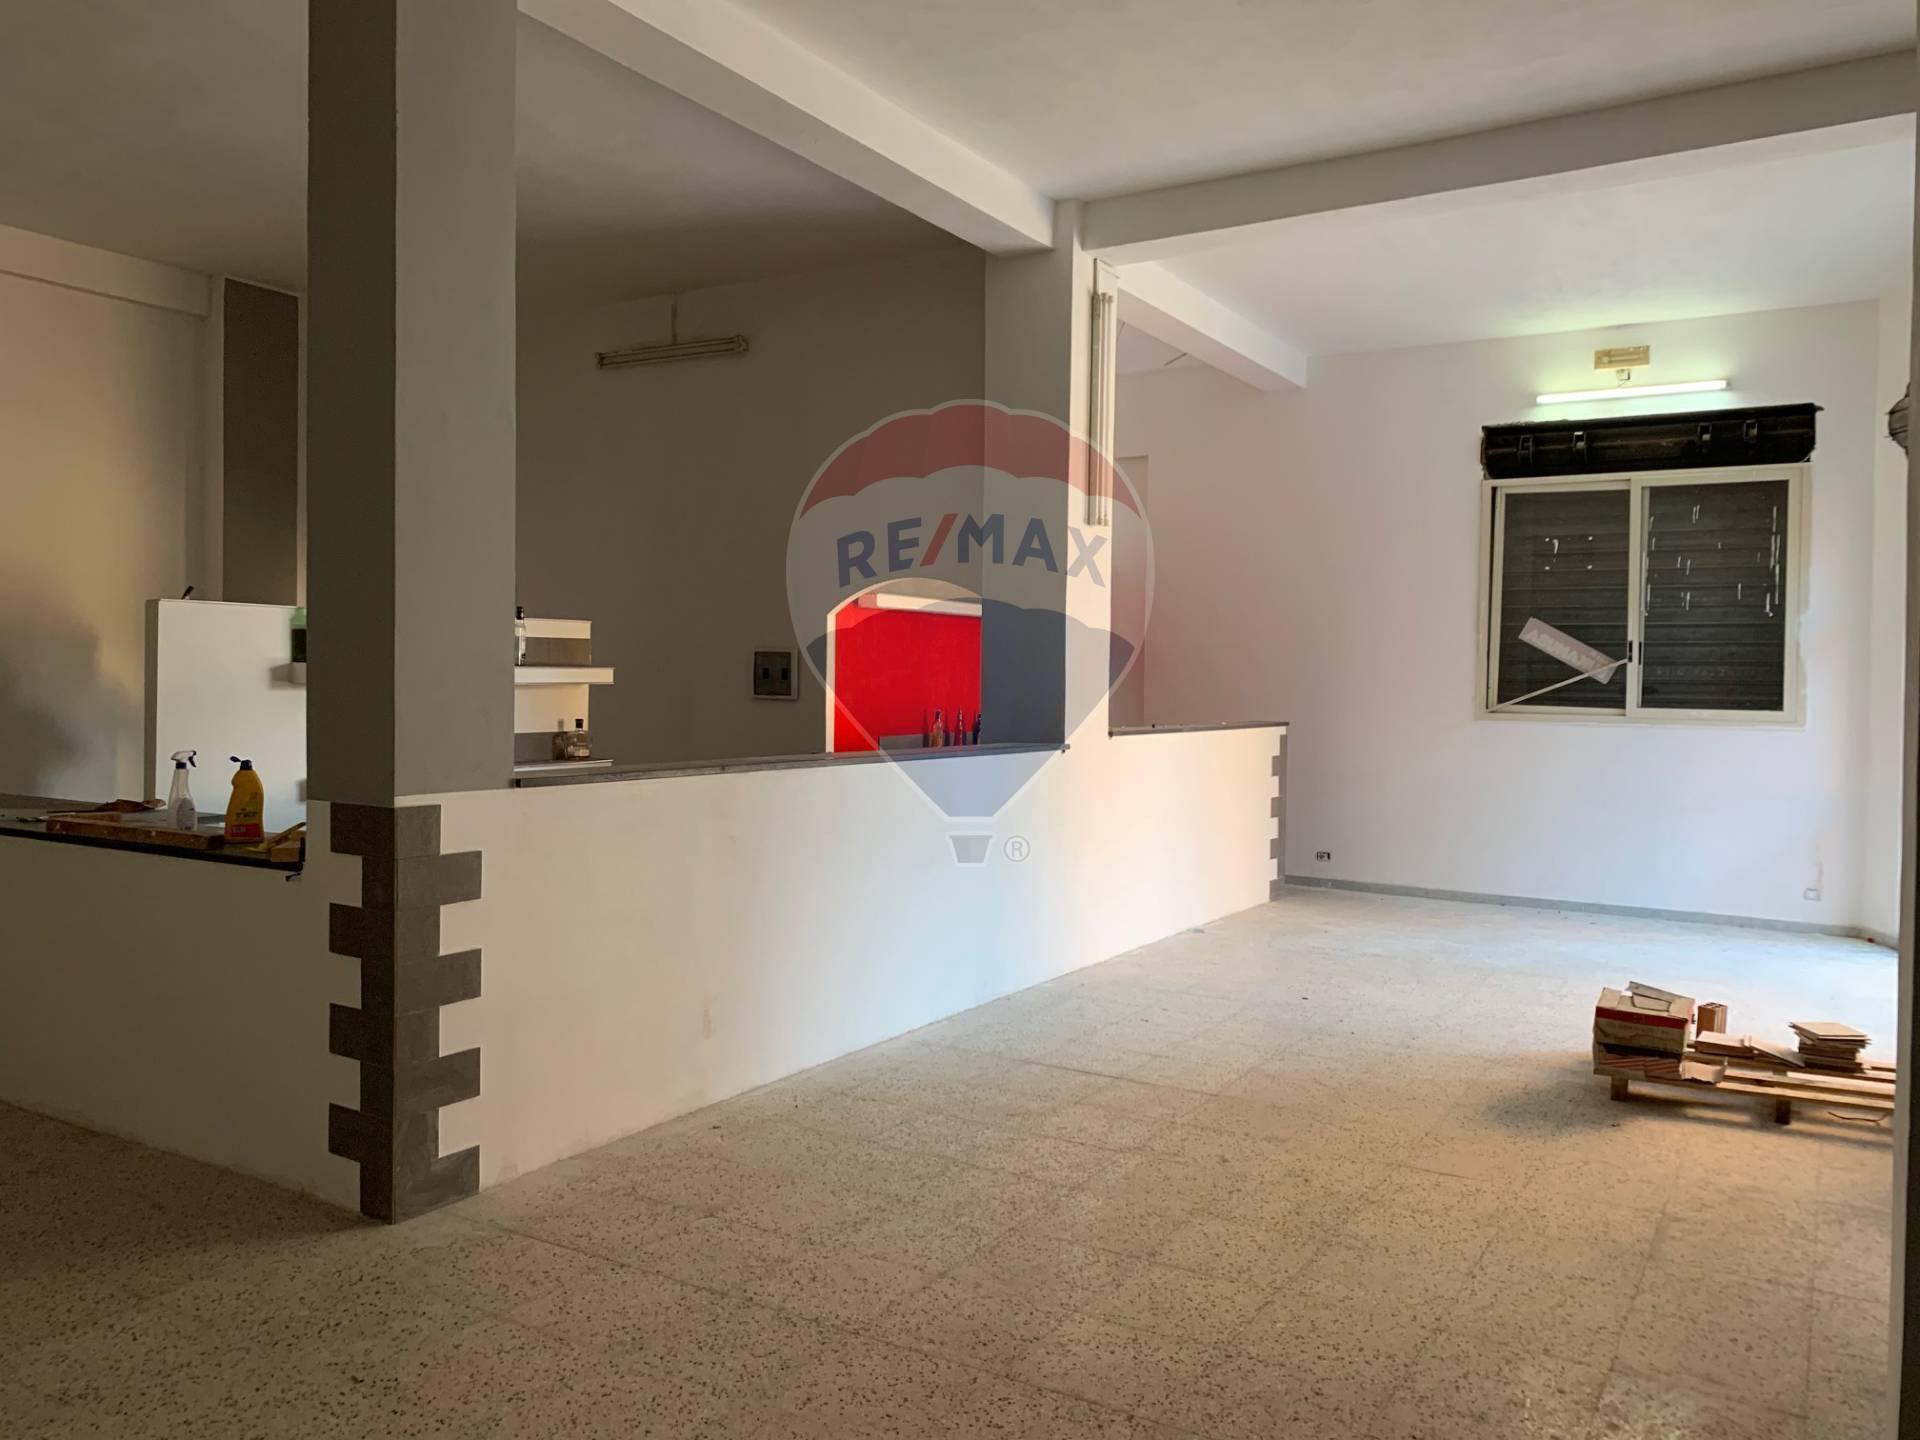 Negozio / Locale in affitto a Pozzallo, 9999 locali, zona Località: Centro, prezzo € 1.400 | CambioCasa.it